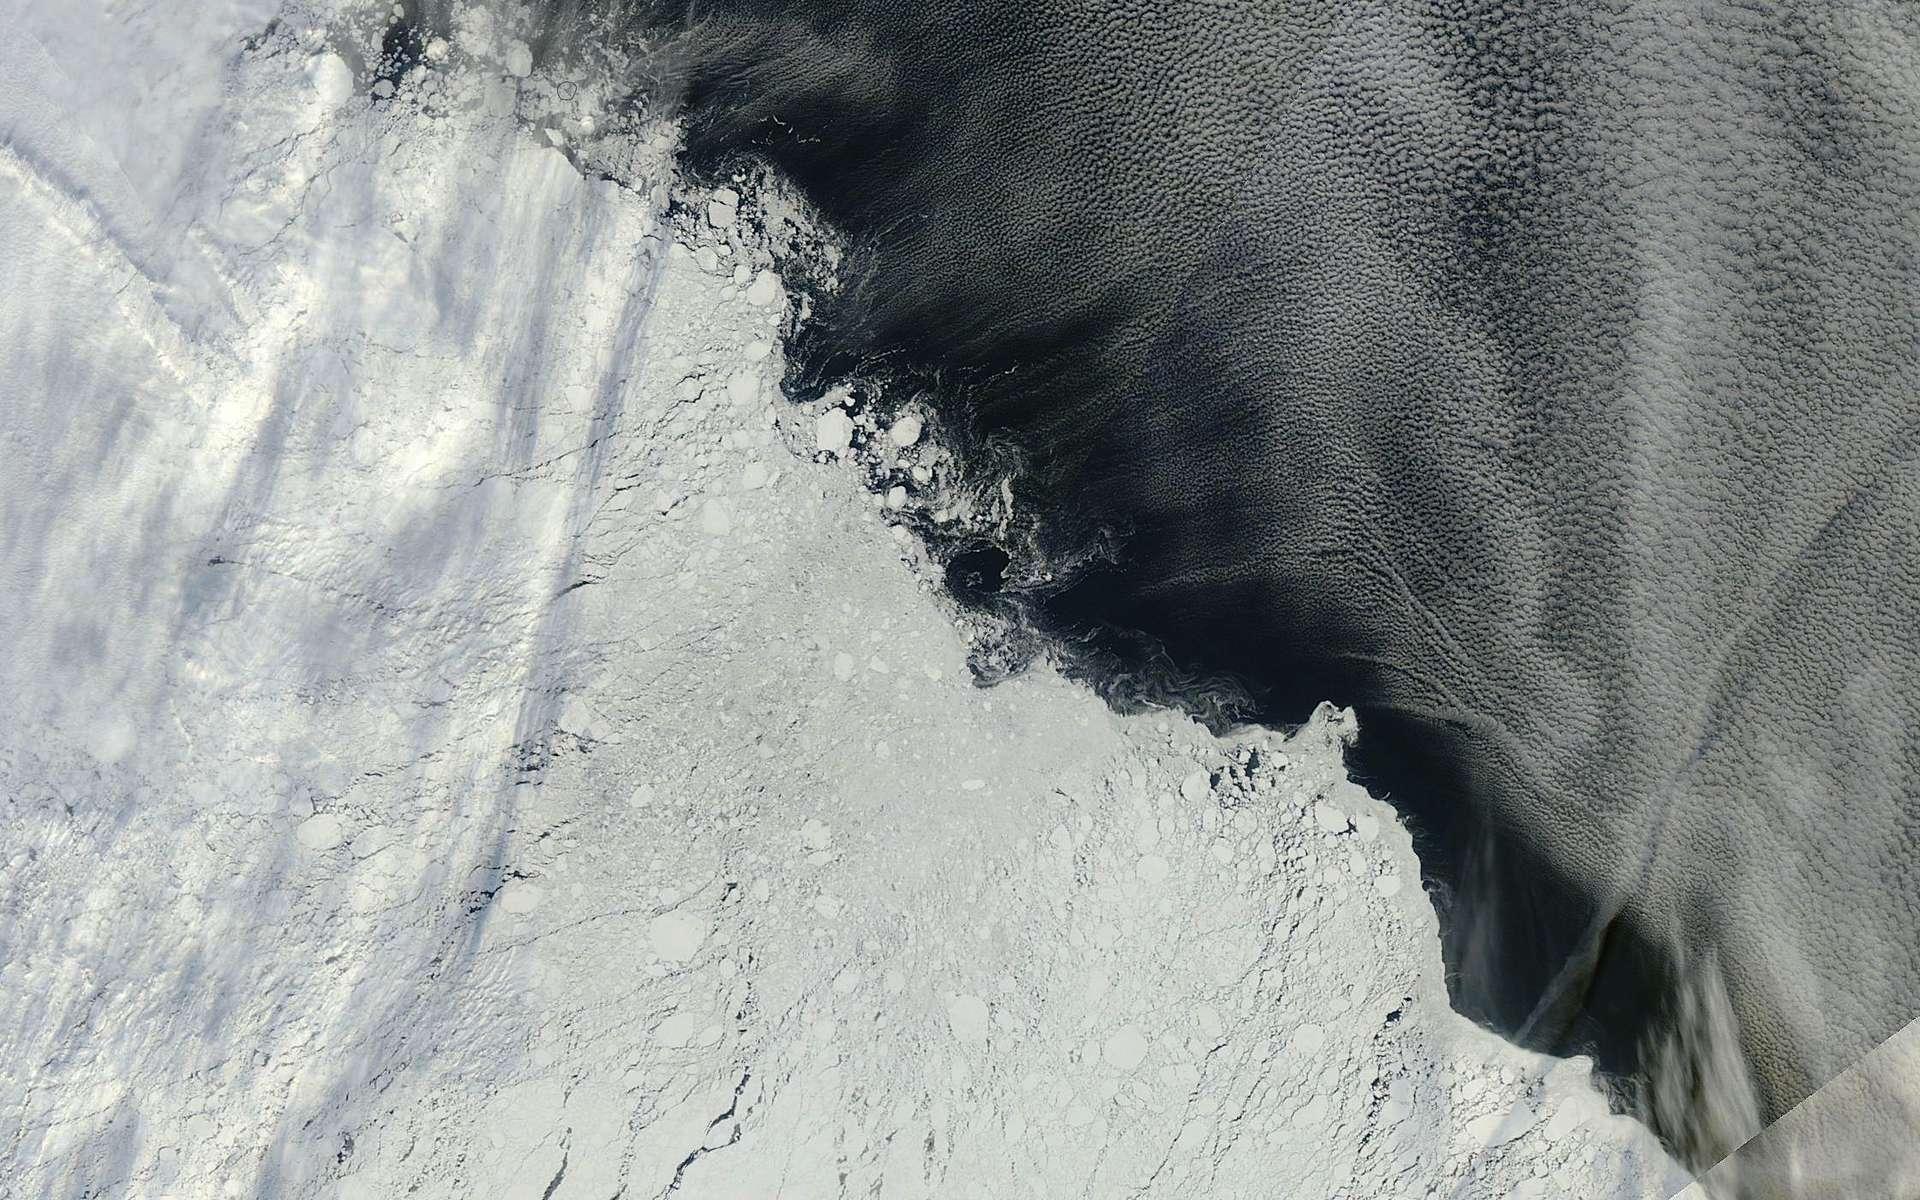 Une image de la banquise arctique au nord-est des îles de Nouvelle-Sibérie, saisie par l'instrument Modis du satellite Terra de la Nasa le 13 septembre 2013. La glace de mer domine la moitié inférieure gauche de l'image. À droite se trouve l'océan, surmonté de formations nuageuses. © Nasa Worldview